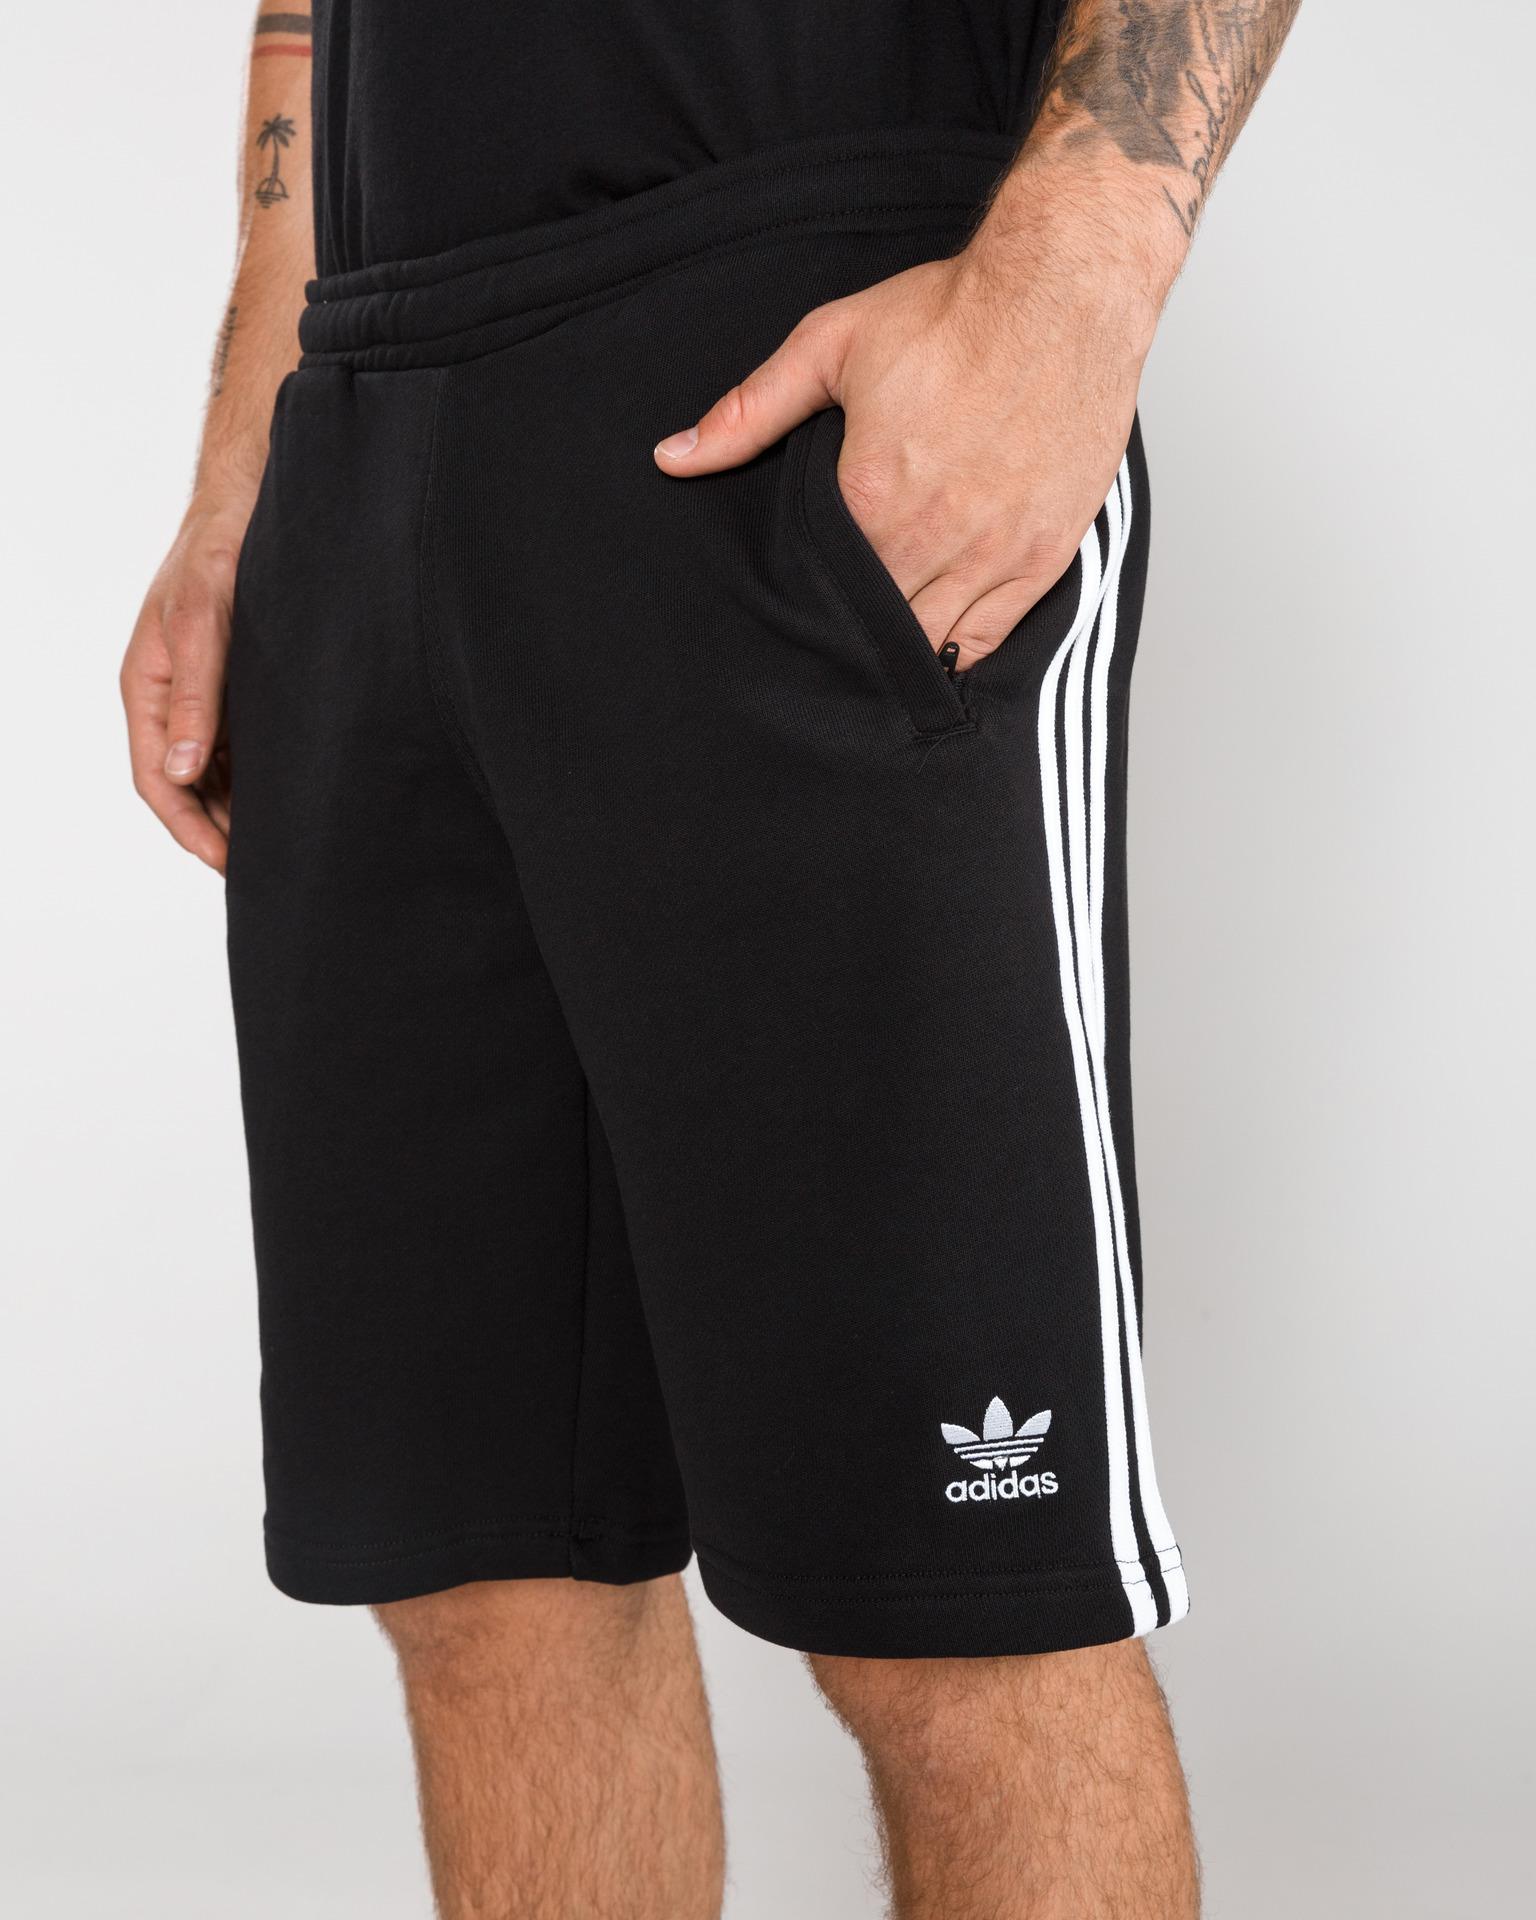 adidas Originals - 3-Stripes Short pants Bibloo.com